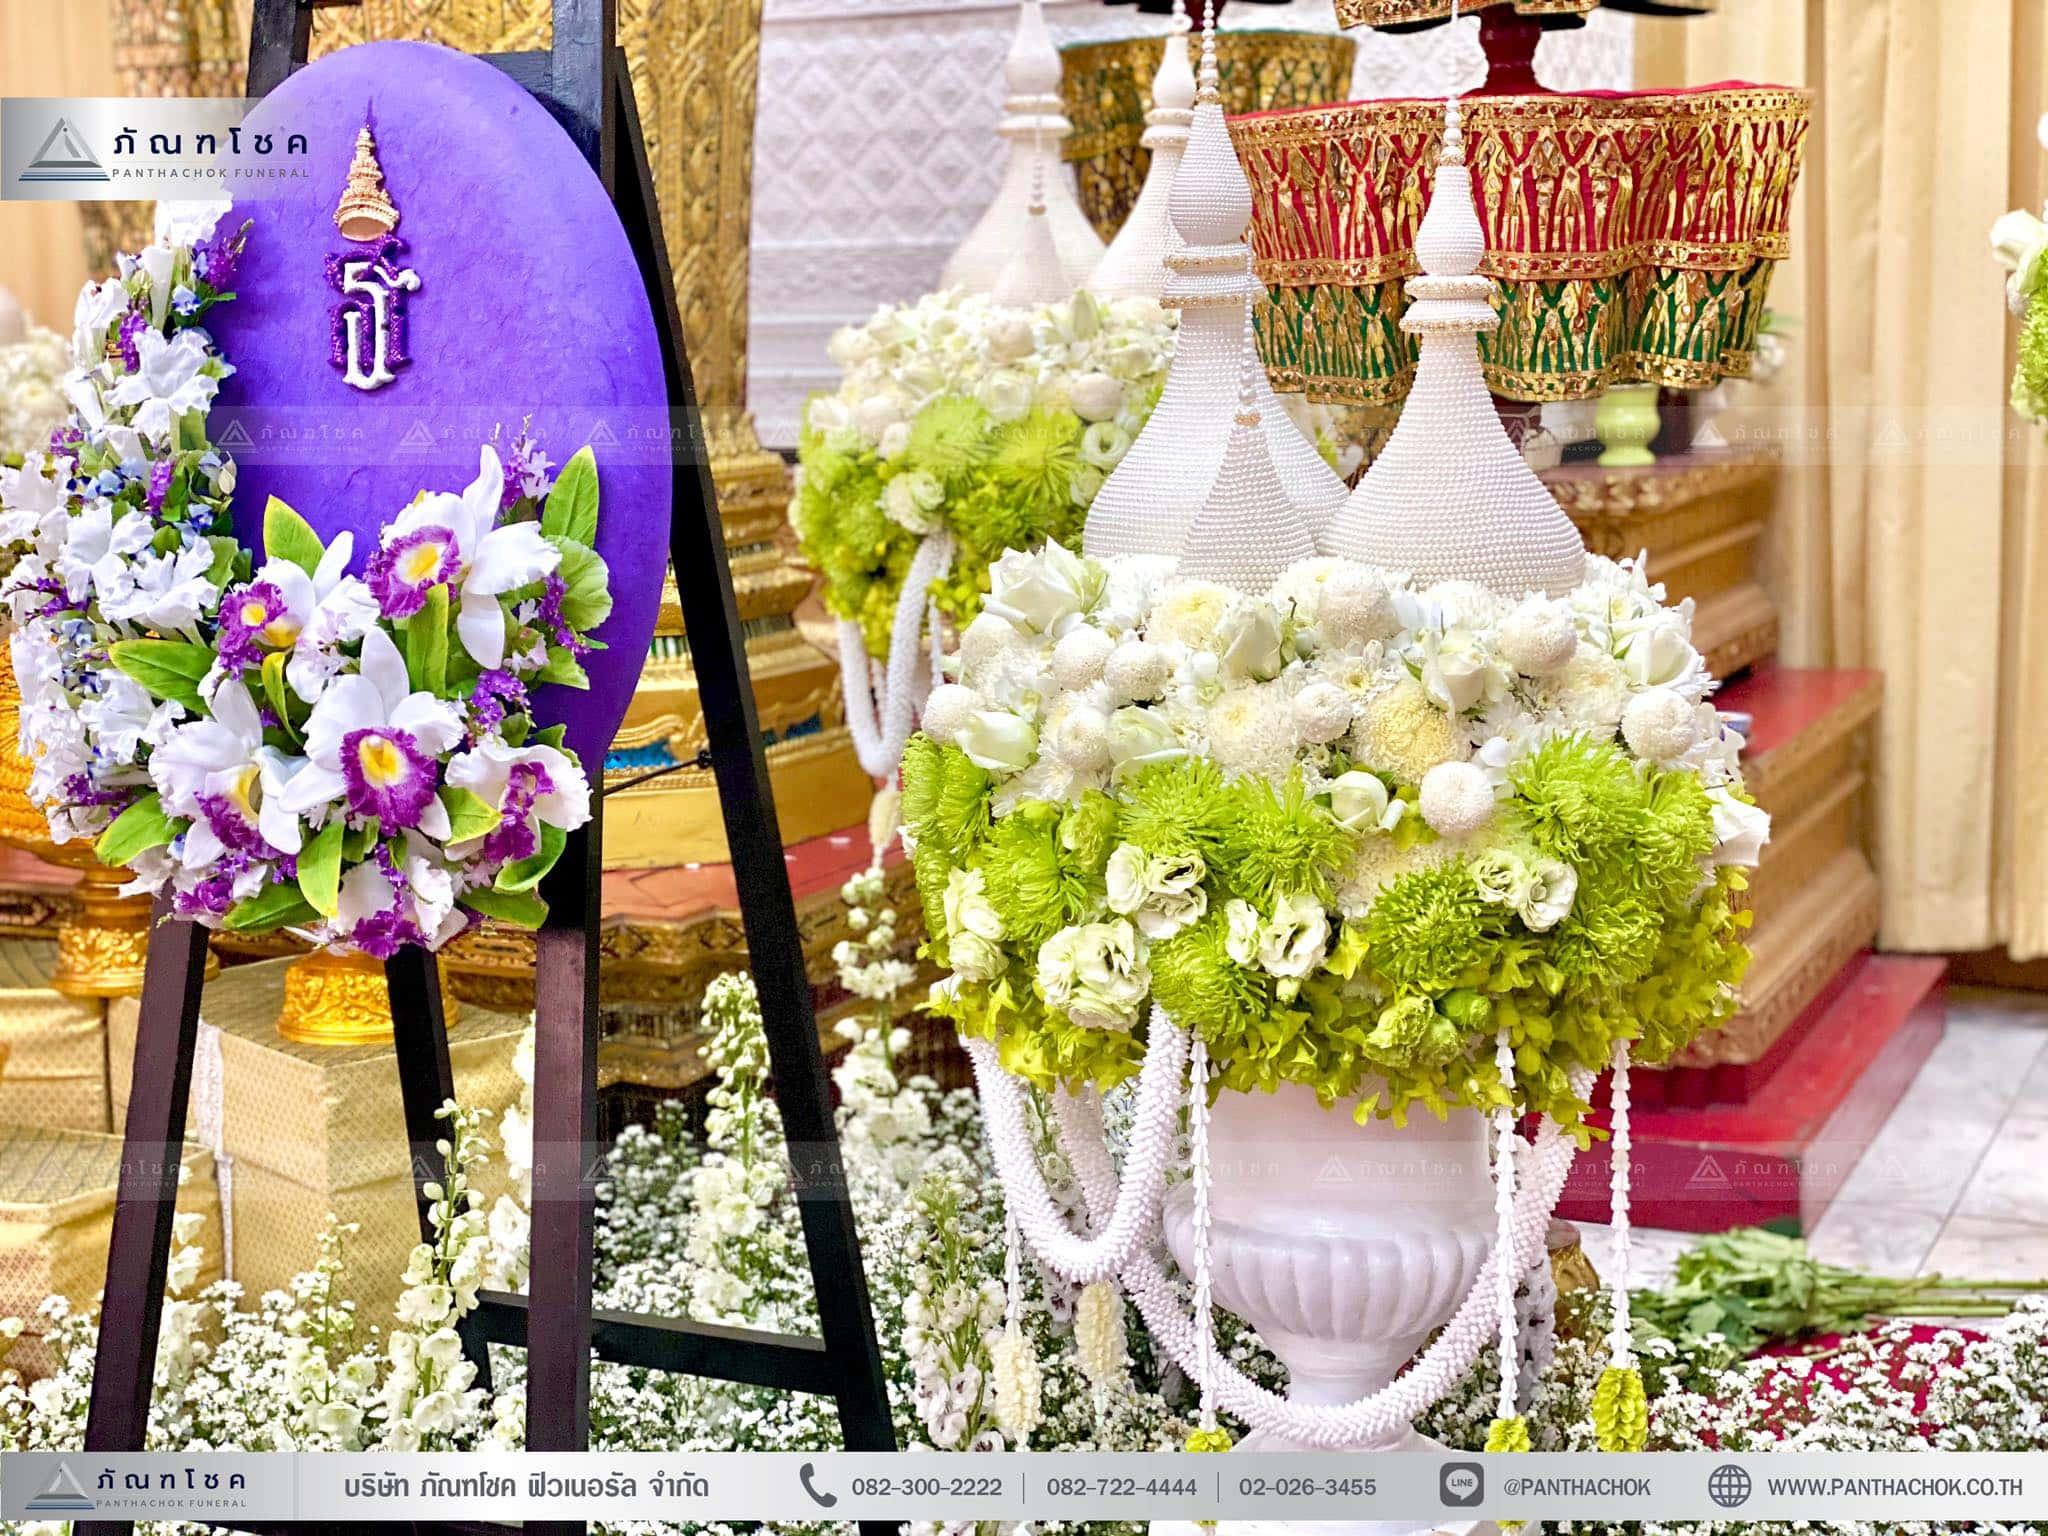 ดอกไม้ประดับหน้าโกศพระราชทาน ณ วัดมกุฏกษัตริยารามราชวรวิหาร 10